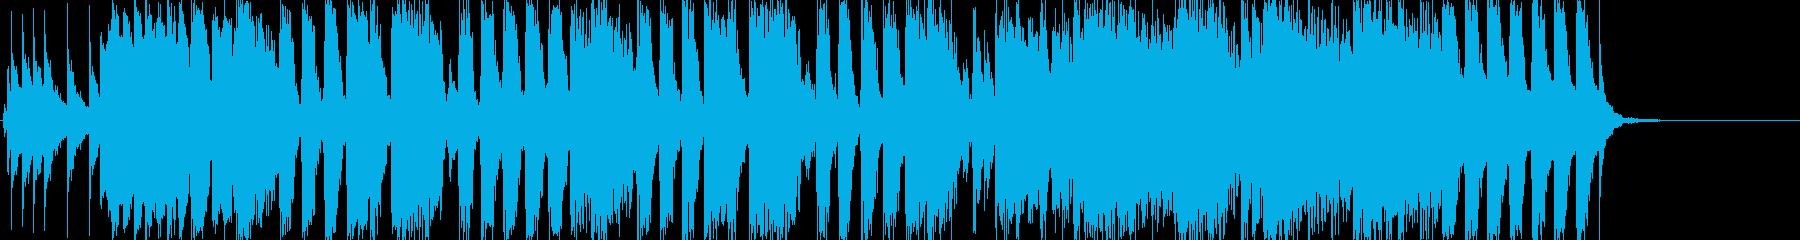 おちゃめ系 サンバ系 ジングルの再生済みの波形